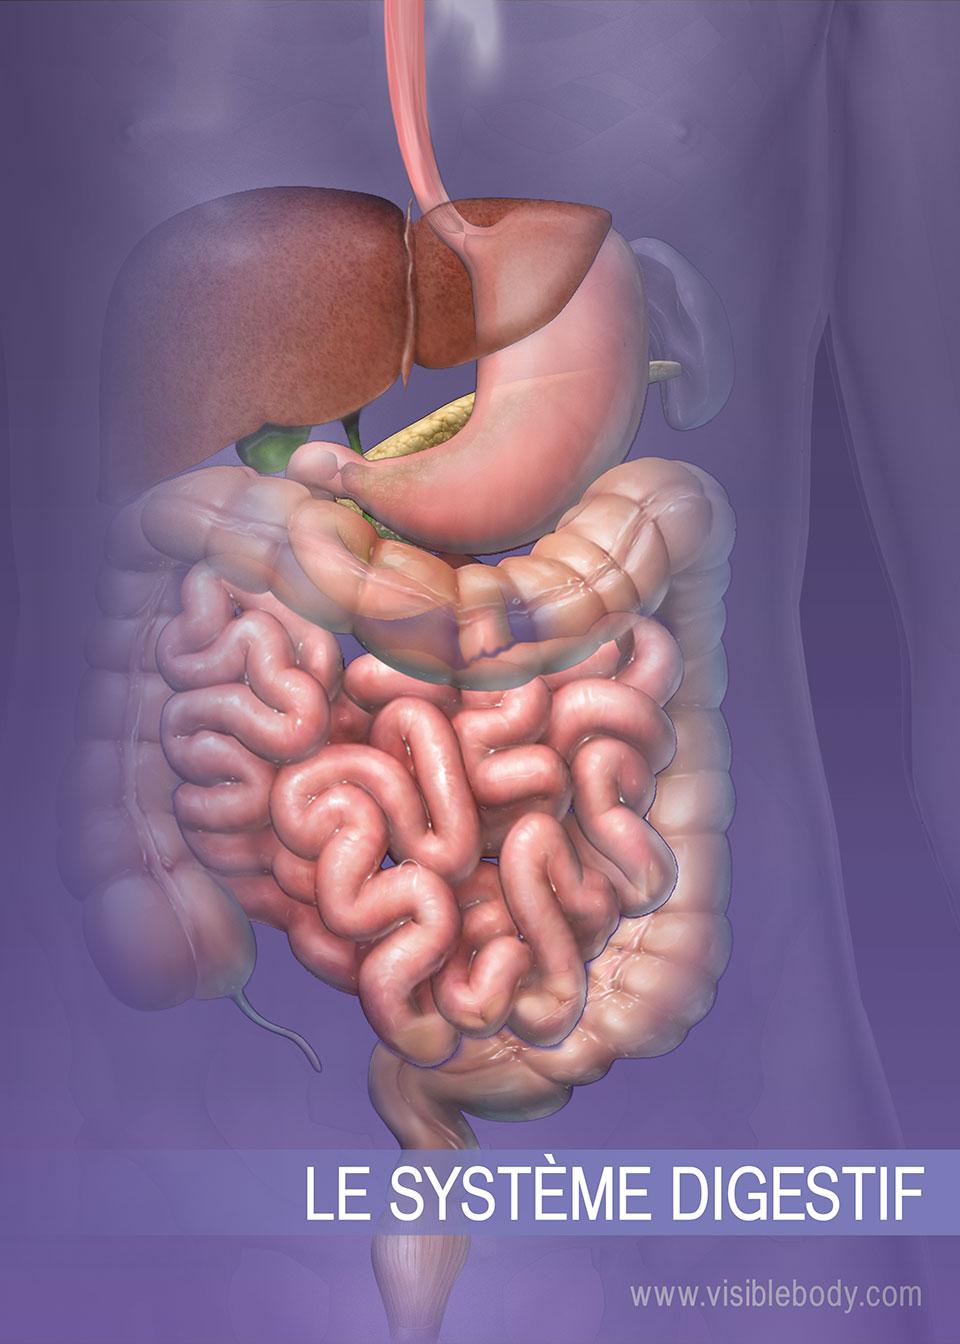 Structures du système digestif inférieur